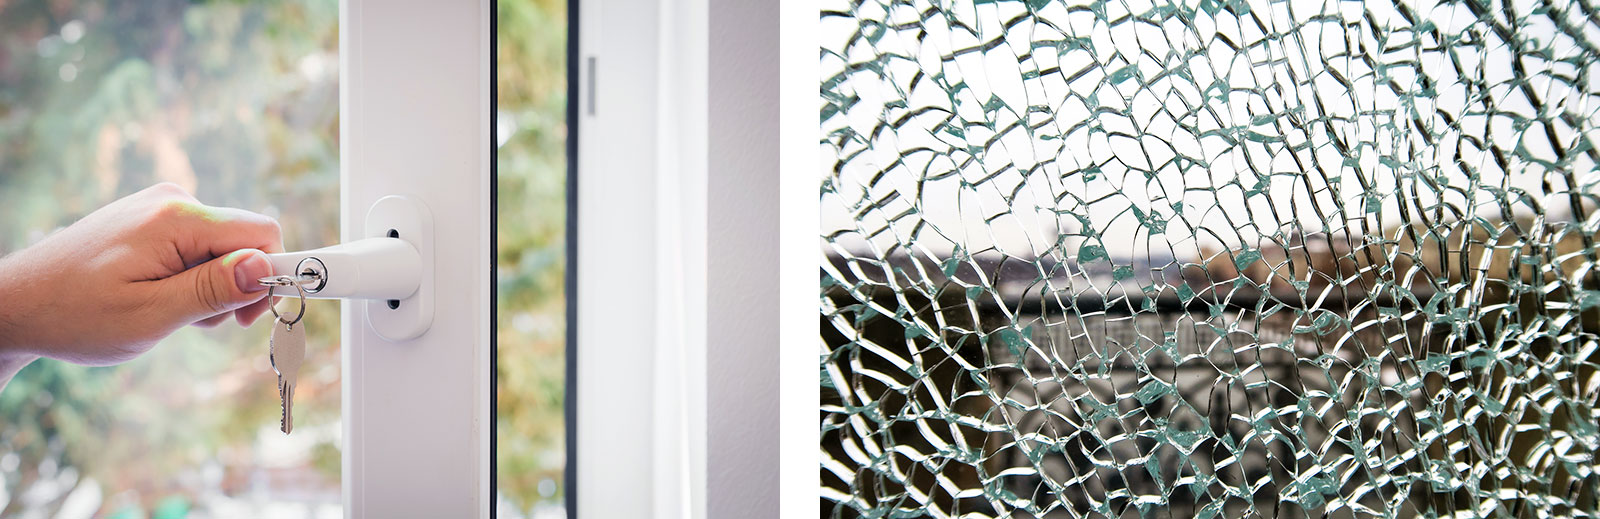 Mehr Sicherheit durch abschließbare Fenstergriffe und Spezialglas